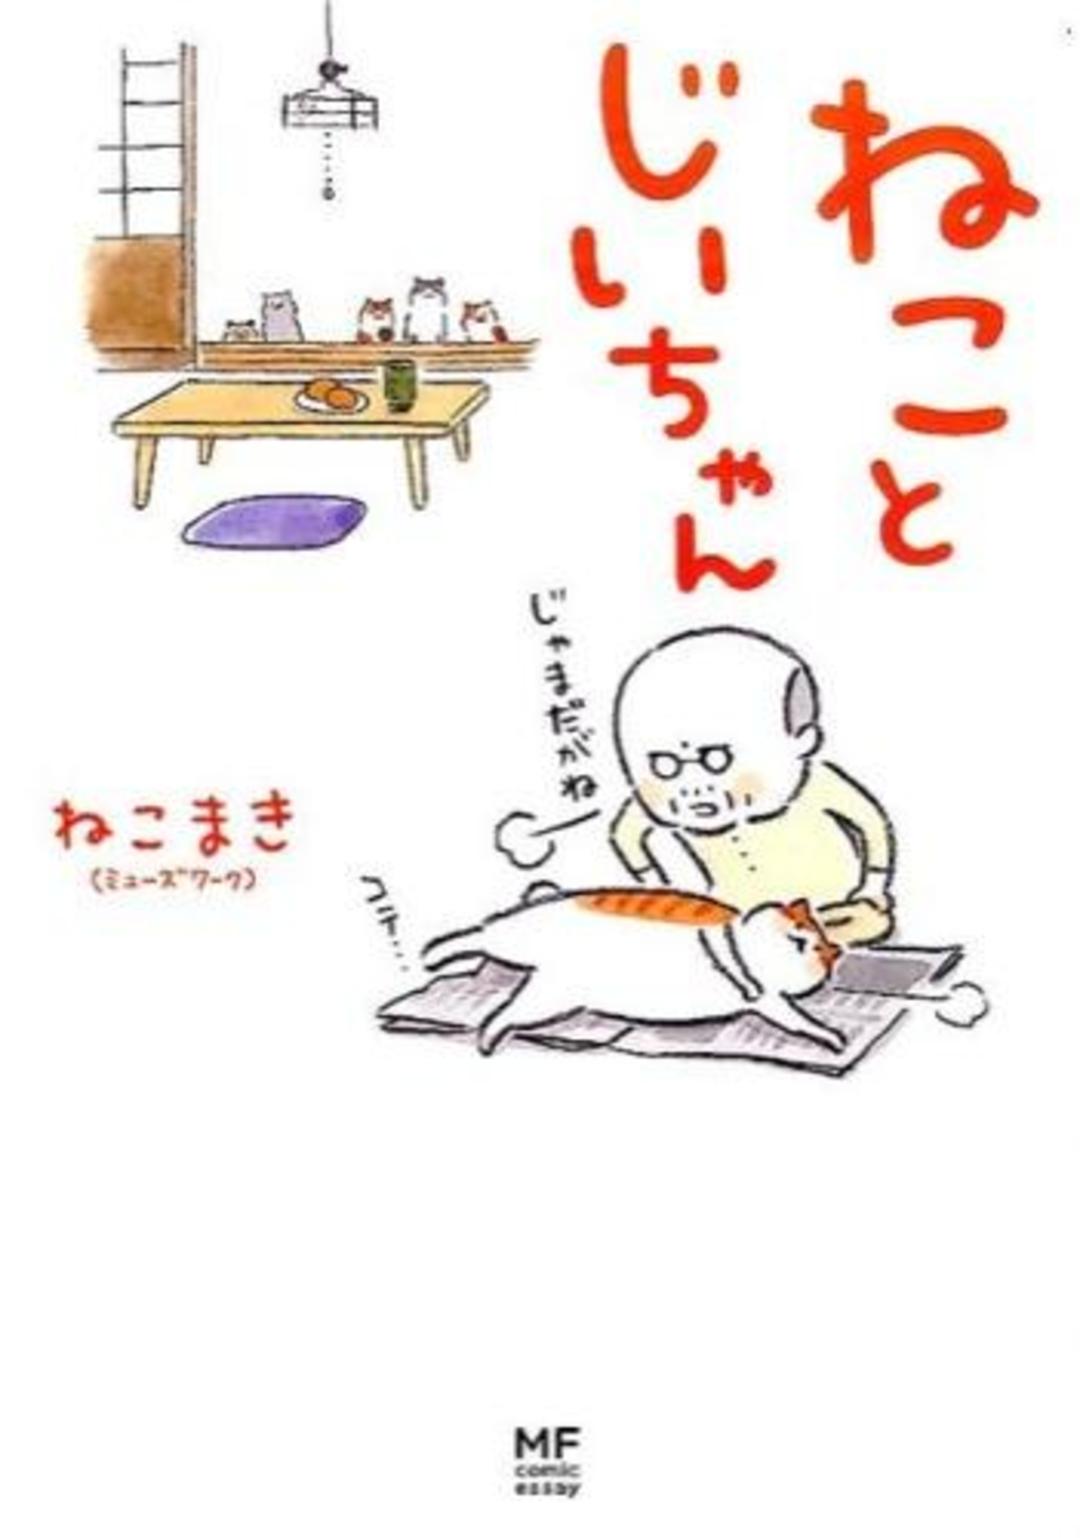 猫好きにはたまらない癒しマンガ♡